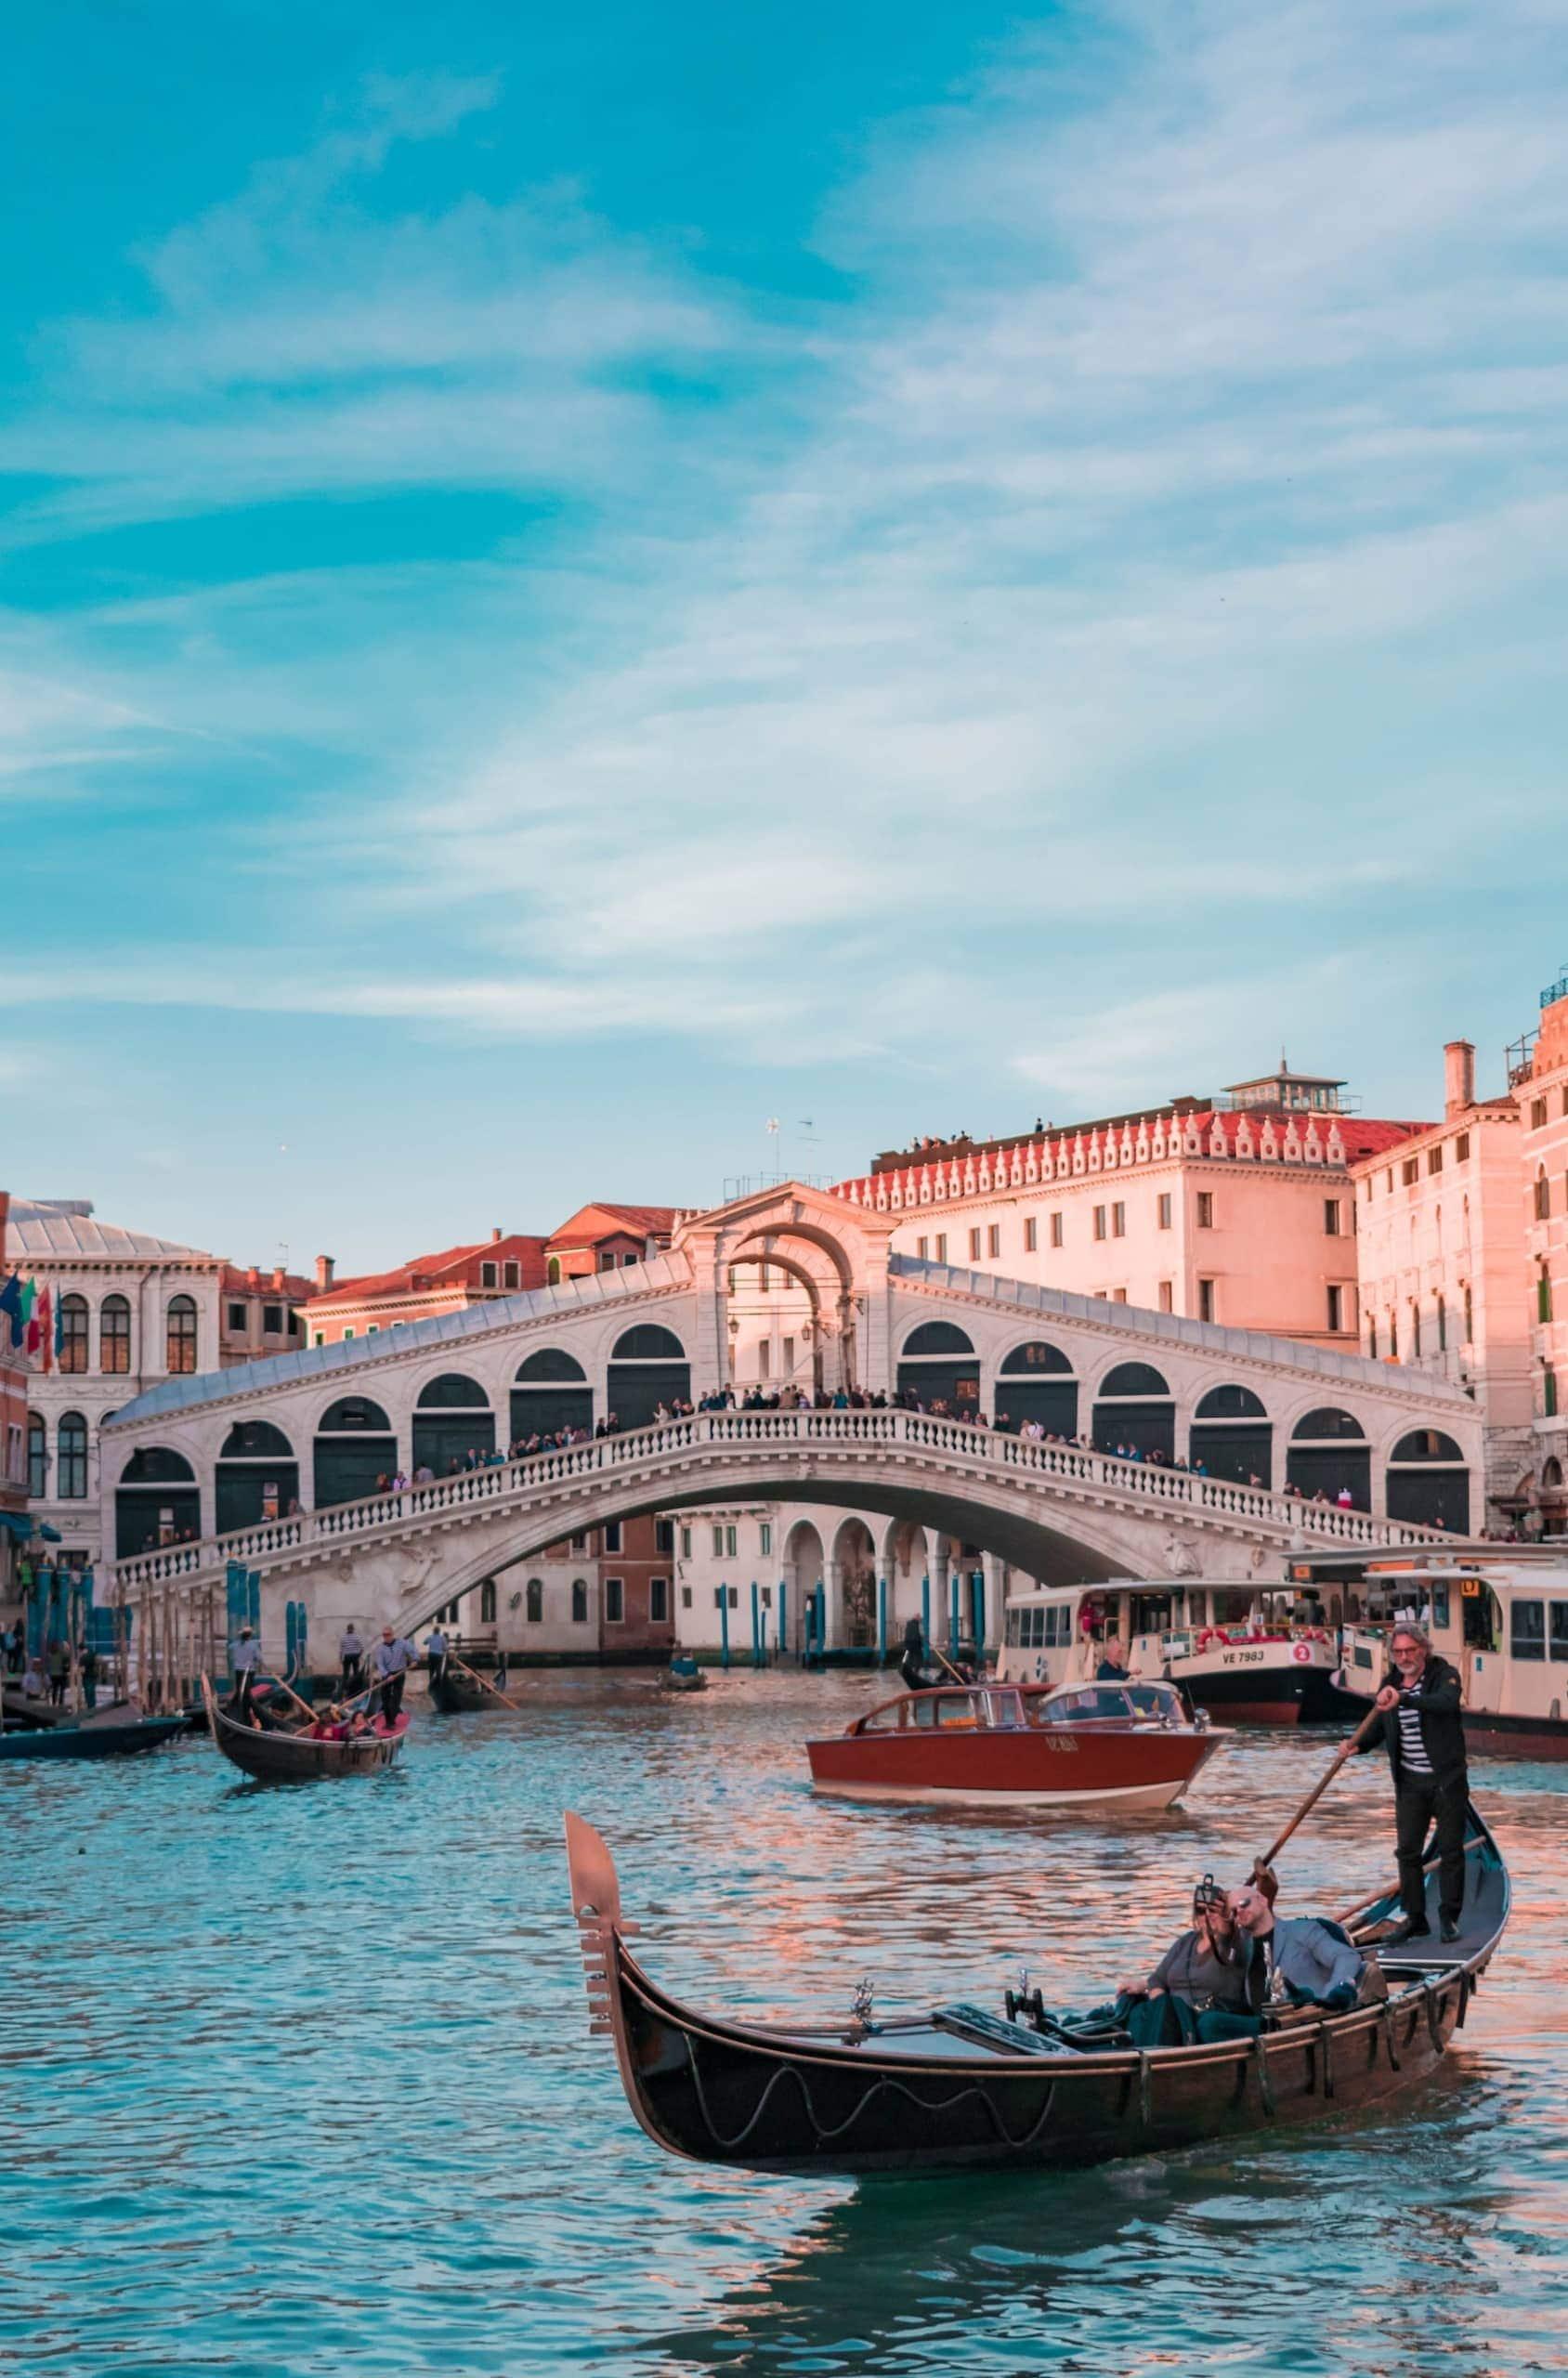 Venezianische Gondel auf dem Kanal vor der Rialto-Brücke in Venedig